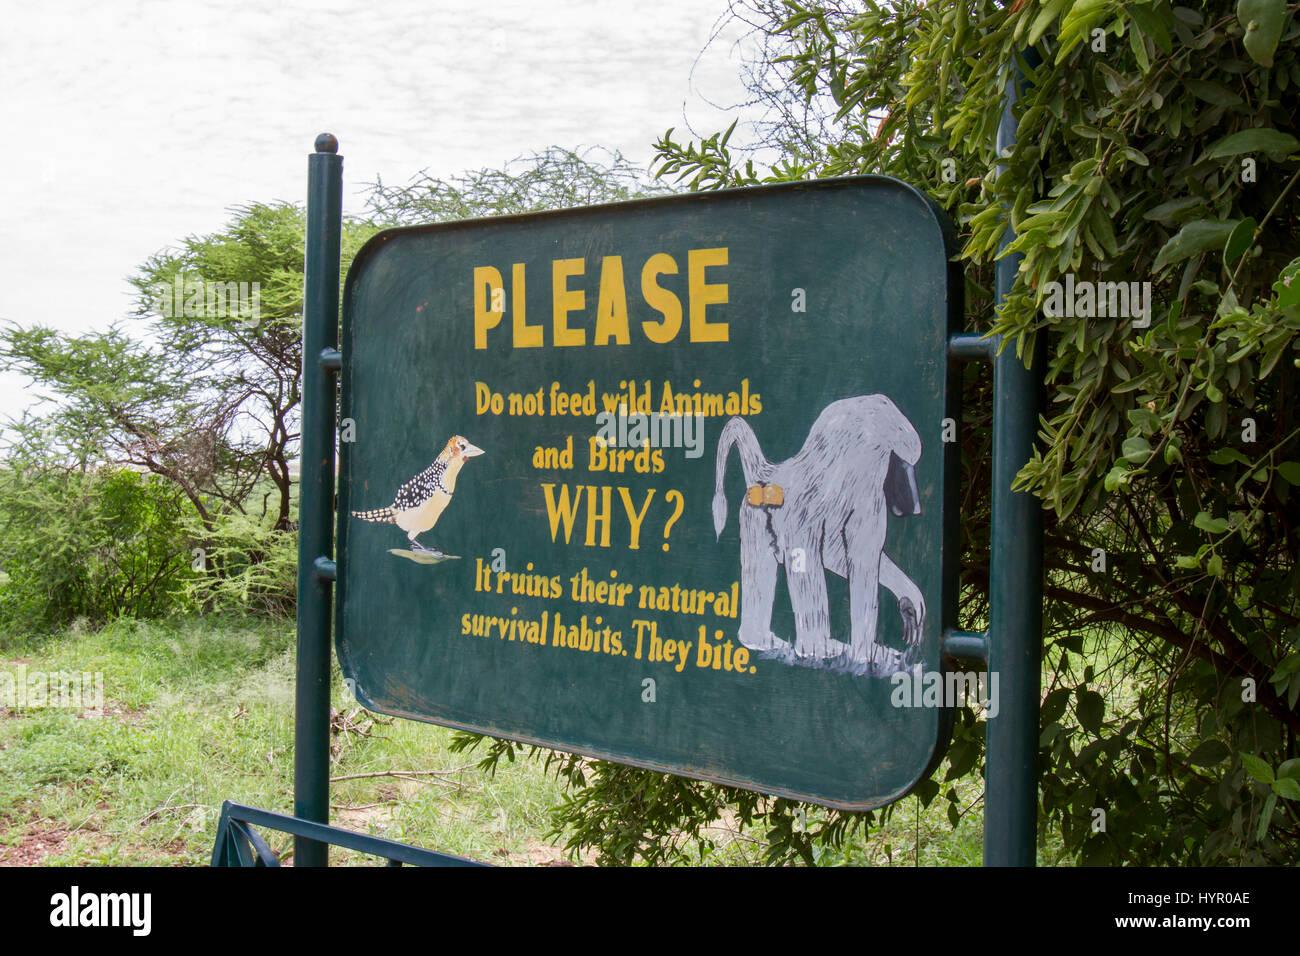 Lake Manyara National Park, Tanzania - March 6, 2017 :  WIldlife interaction feeding warning sign in Lake Manyara - Stock Image